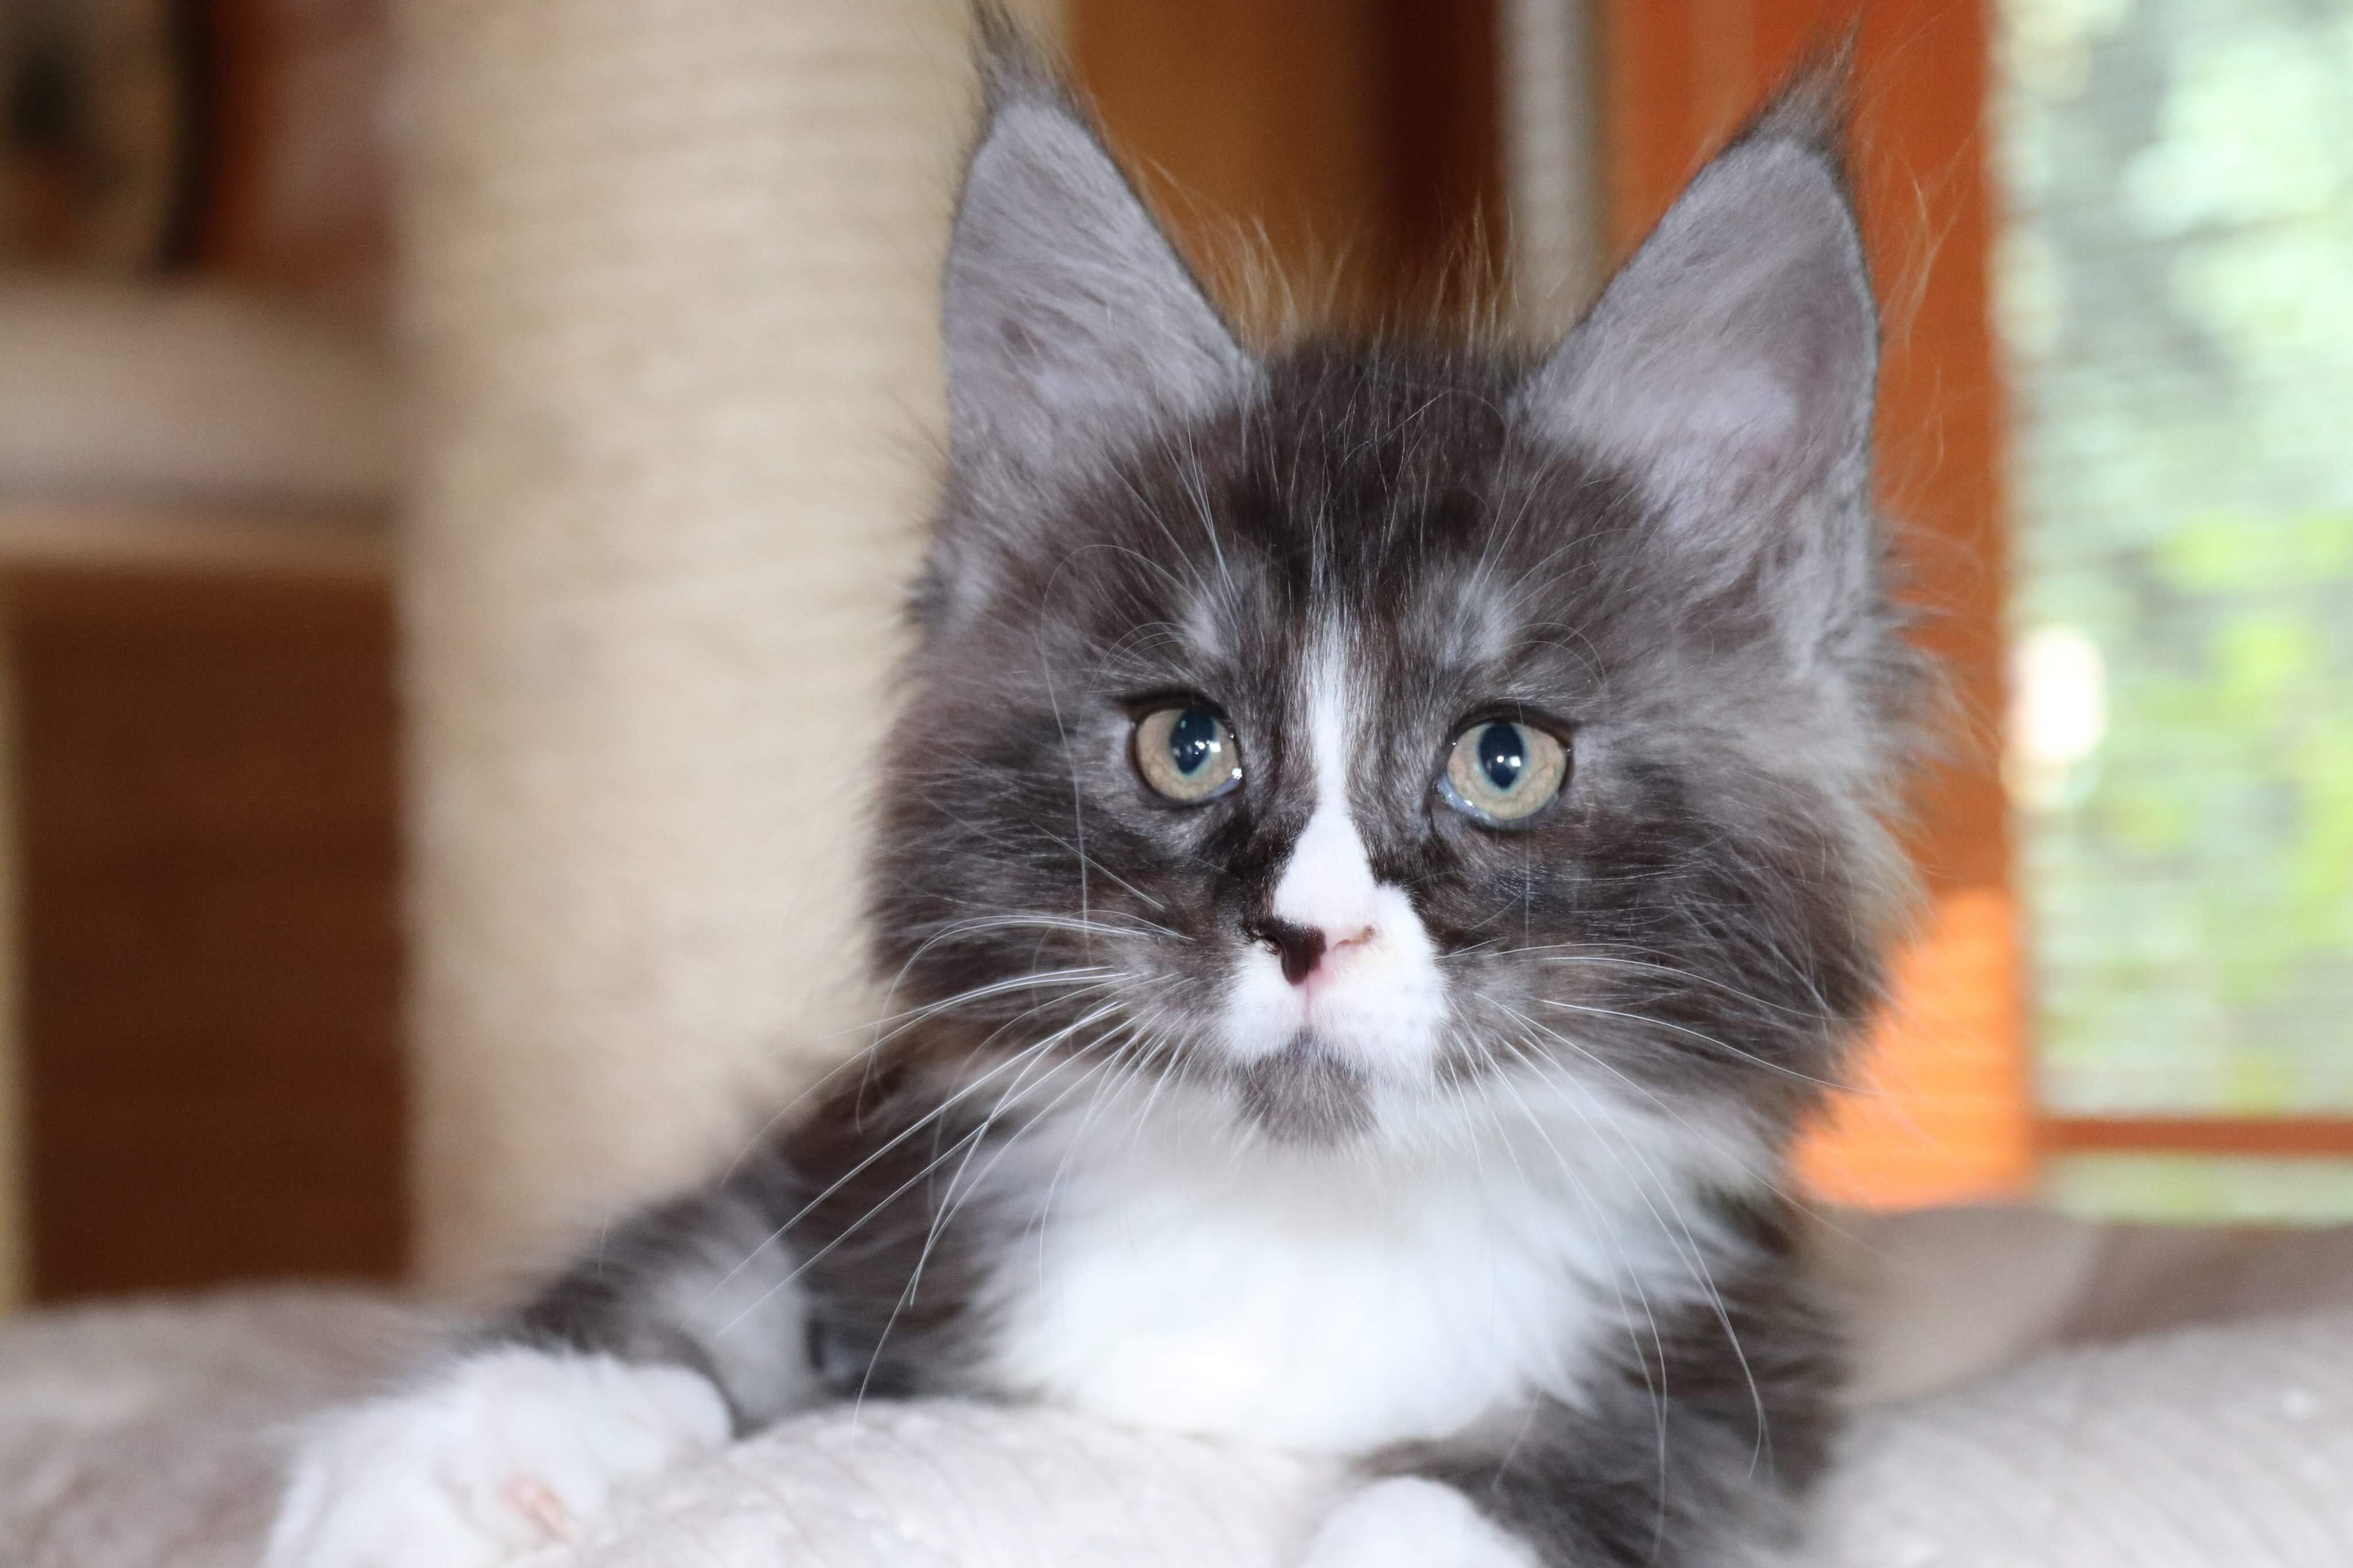 fotka kočky VRH G: GEORGE von ERILLIAN*CZ 👦🏻